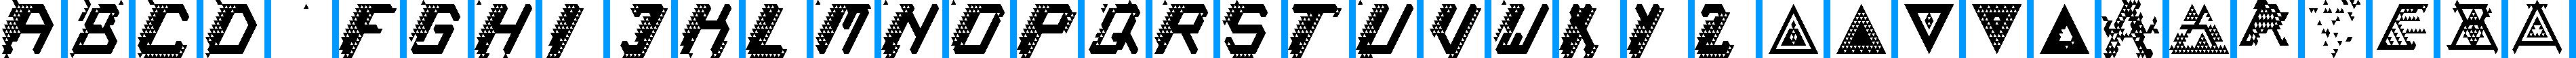 Particip-a-type v.220